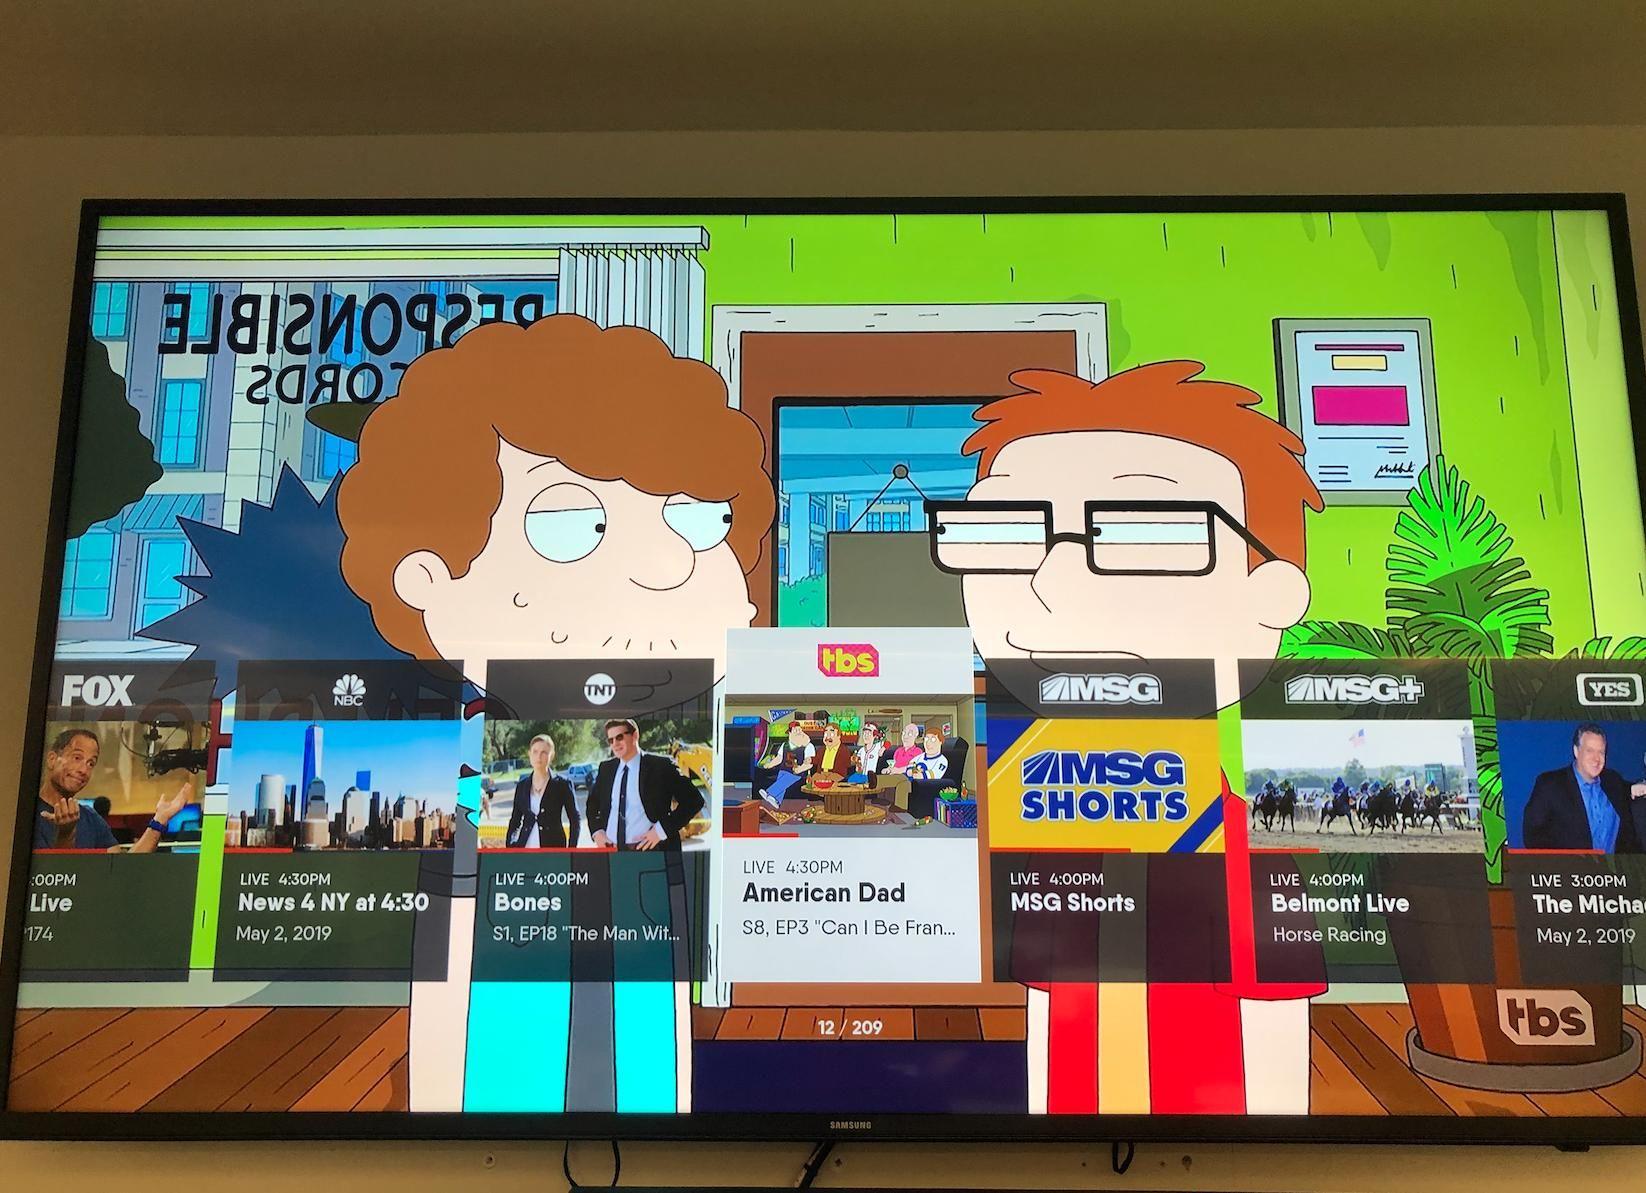 8ad6e7b89387259c5d217b0b88cf3c0c - How To Get Sling Tv On Samsung Smart Tv